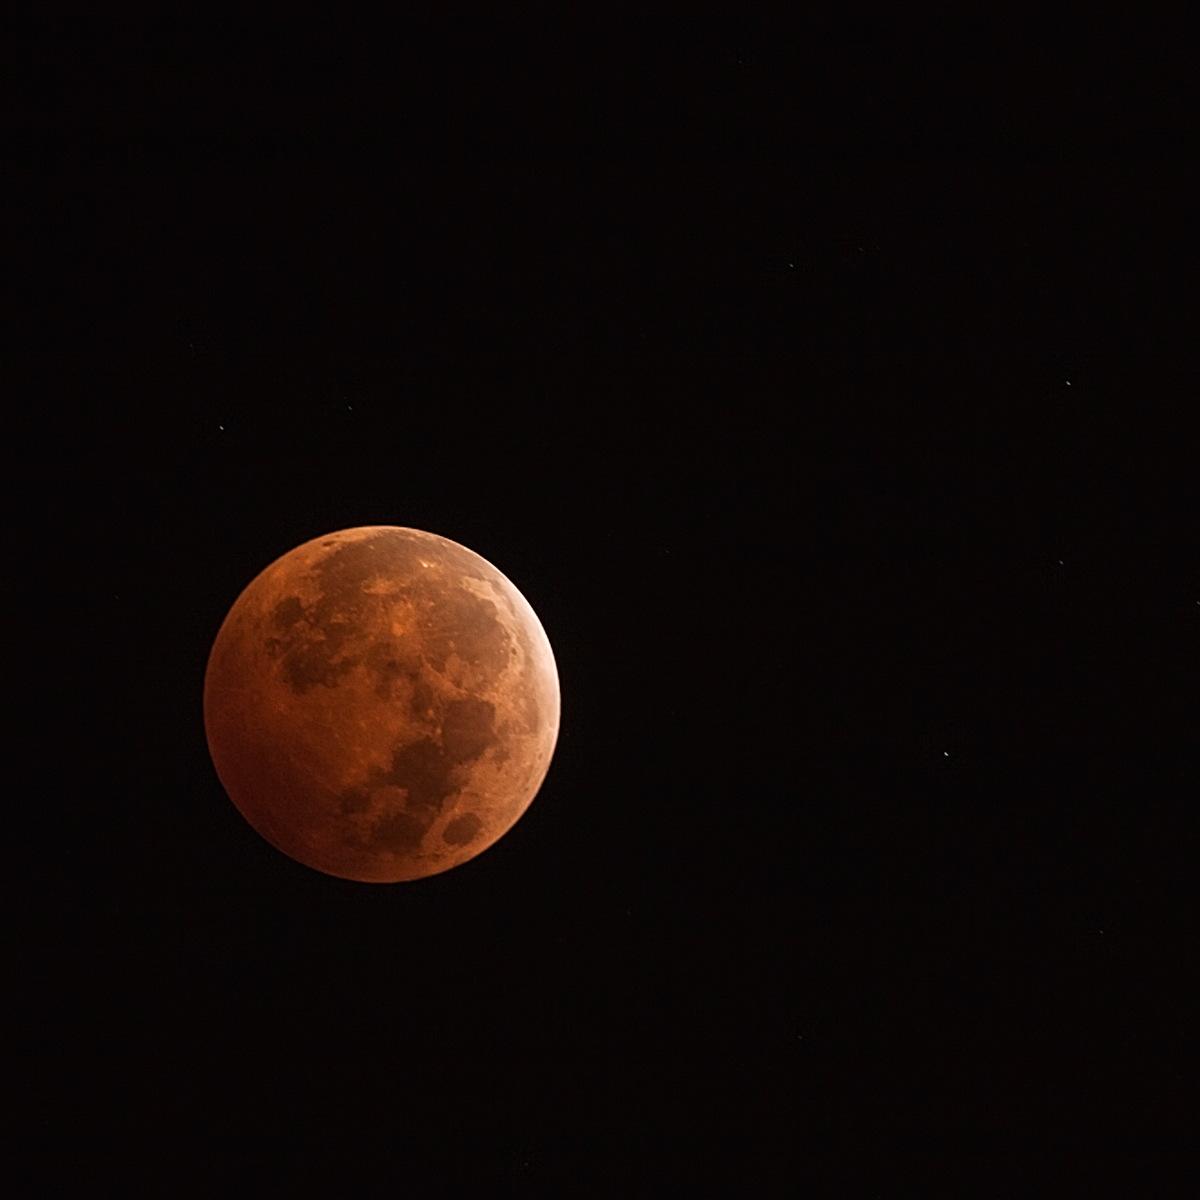 Oct. 8, 2014, Lunar Eclipse Seen in Costa Mesa, CA